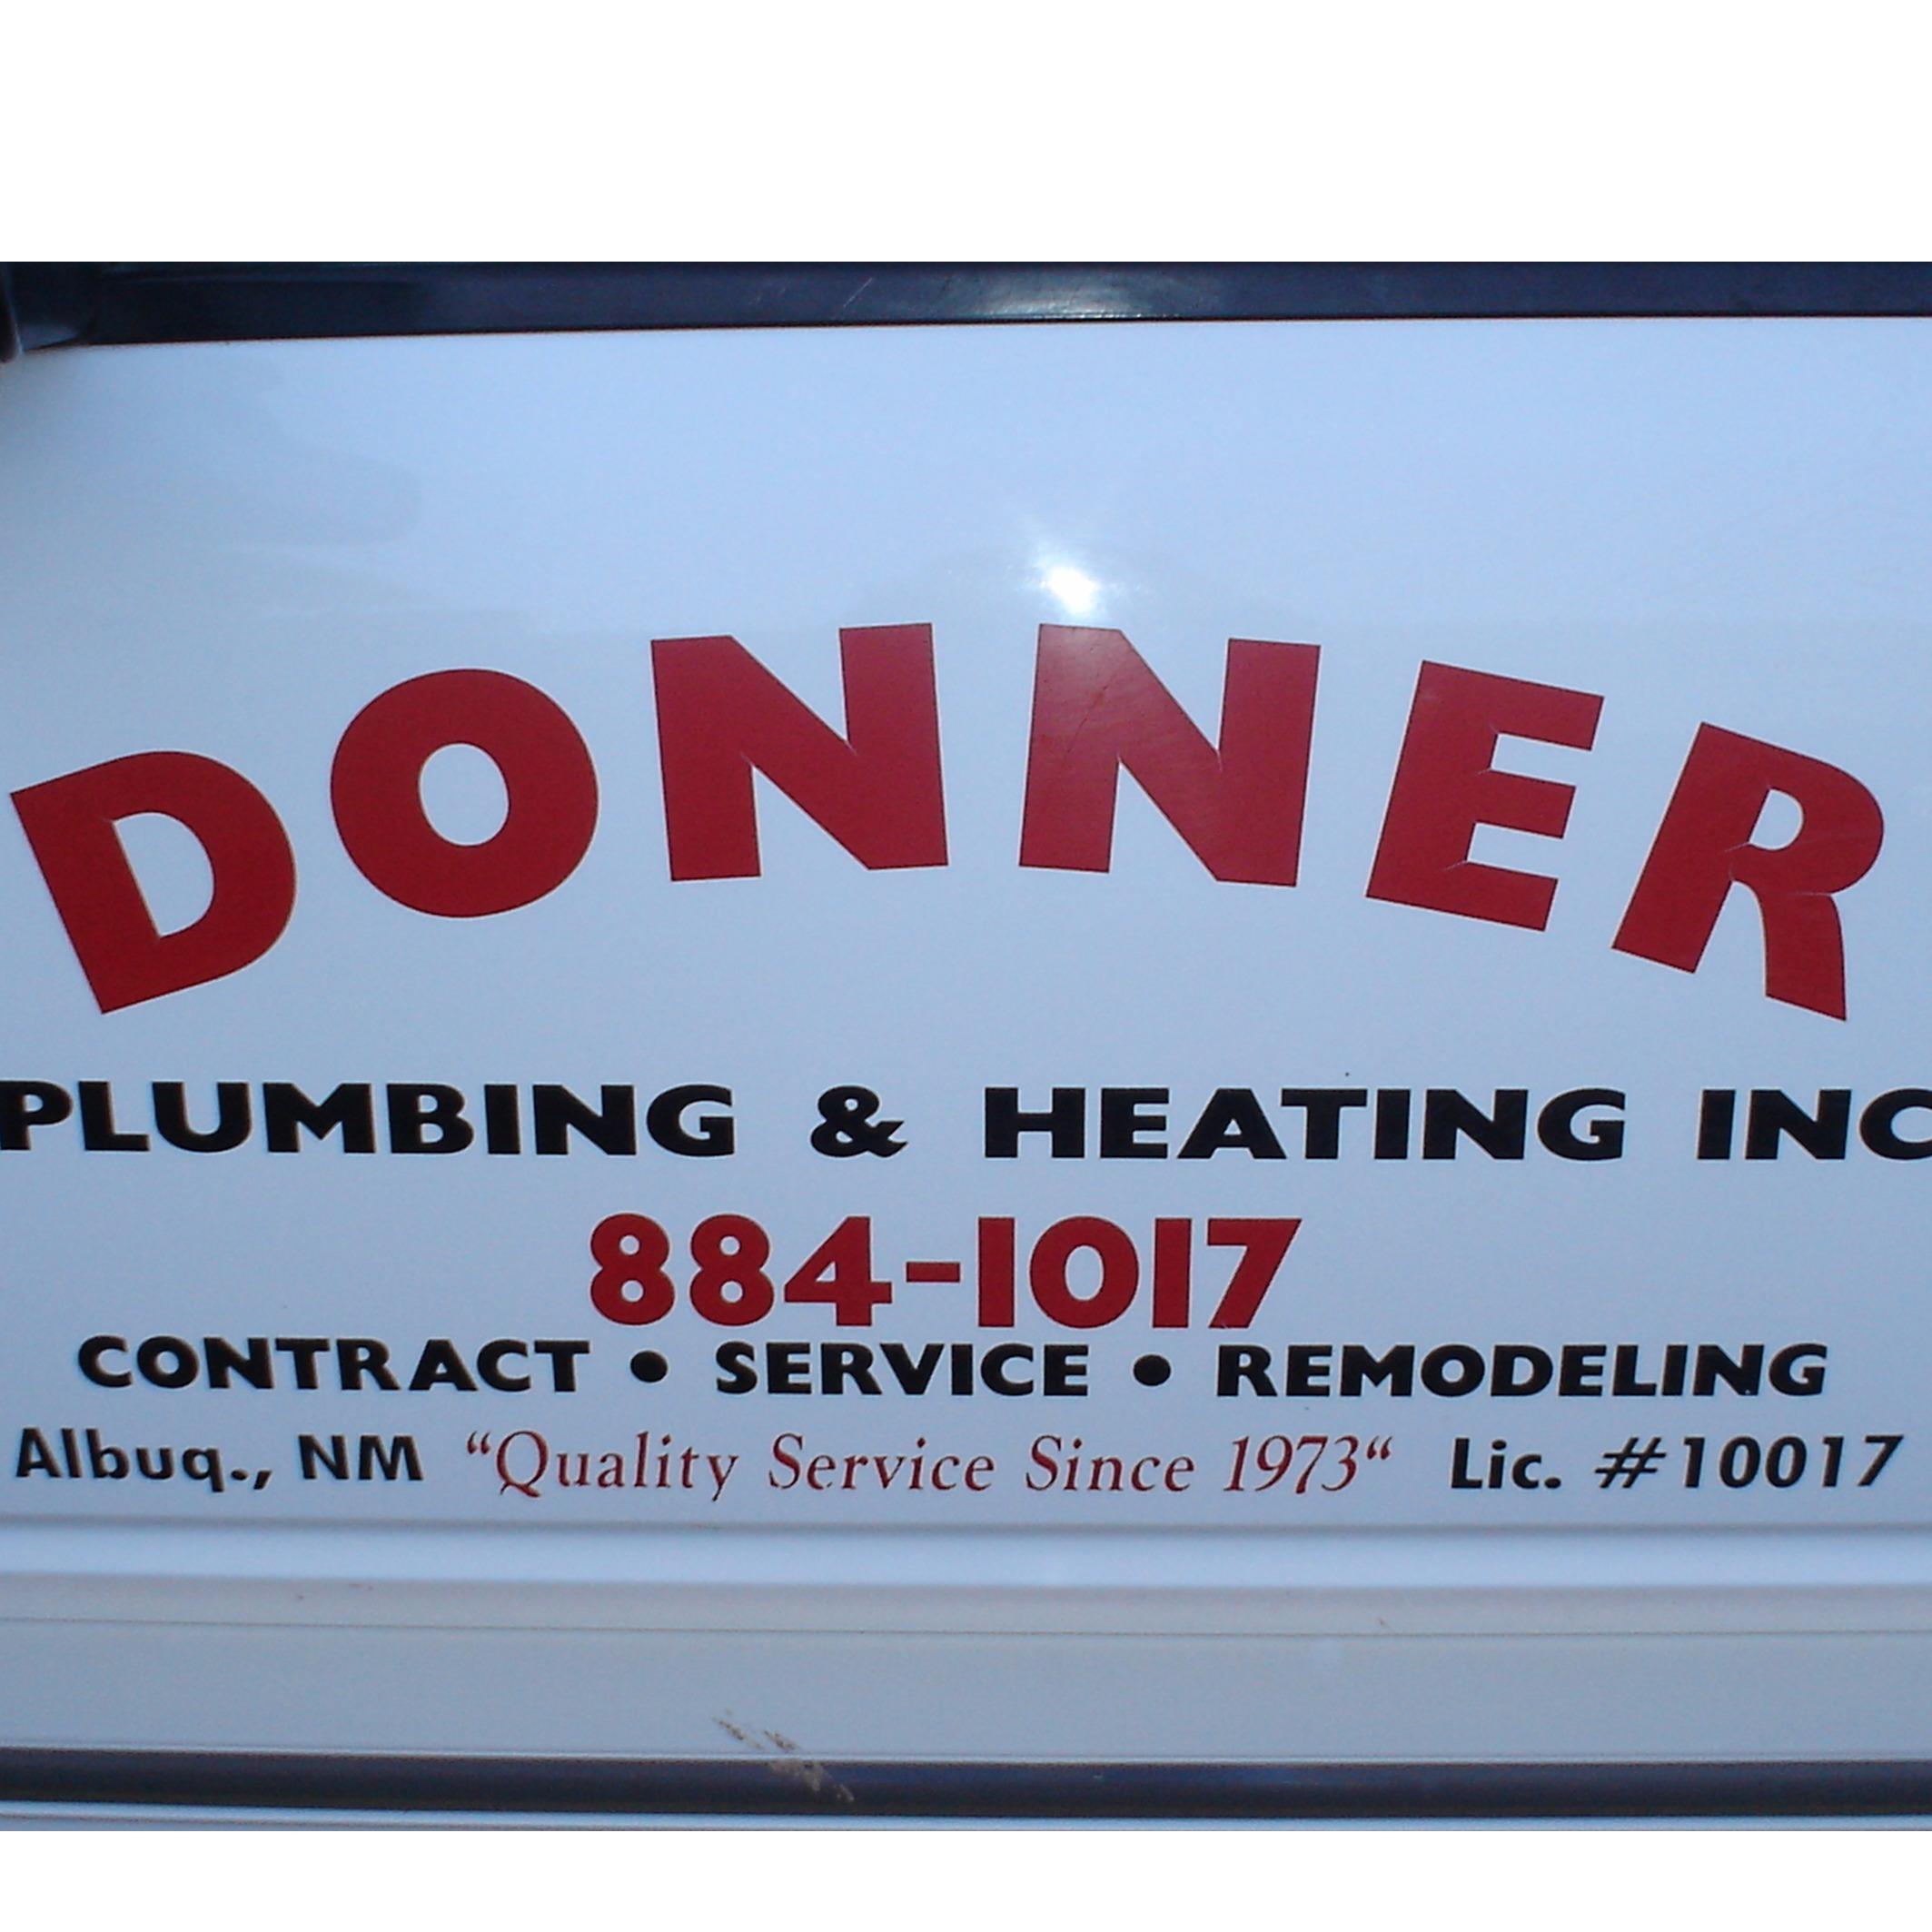 Donner Plumbing & Heating Inc